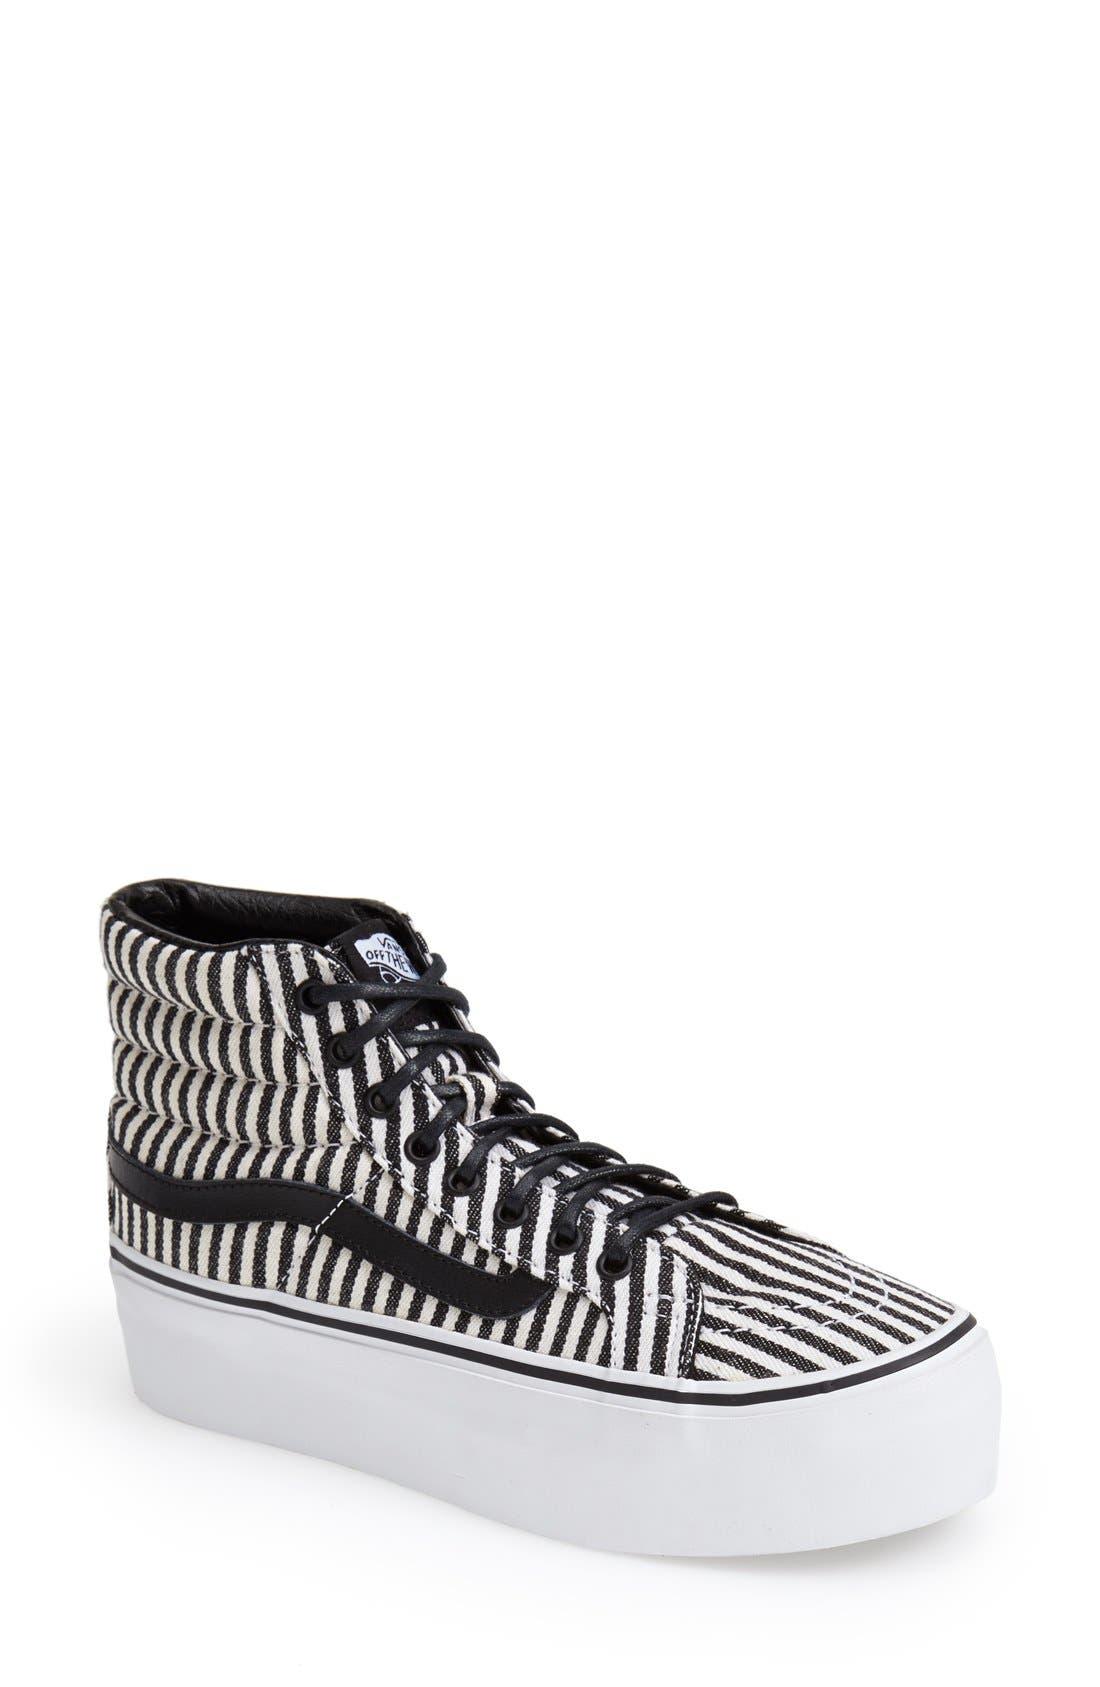 Alternate Image 1 Selected - Vans 'Hickory Stripes Sk8-Hi Platform' Sneaker (Women)